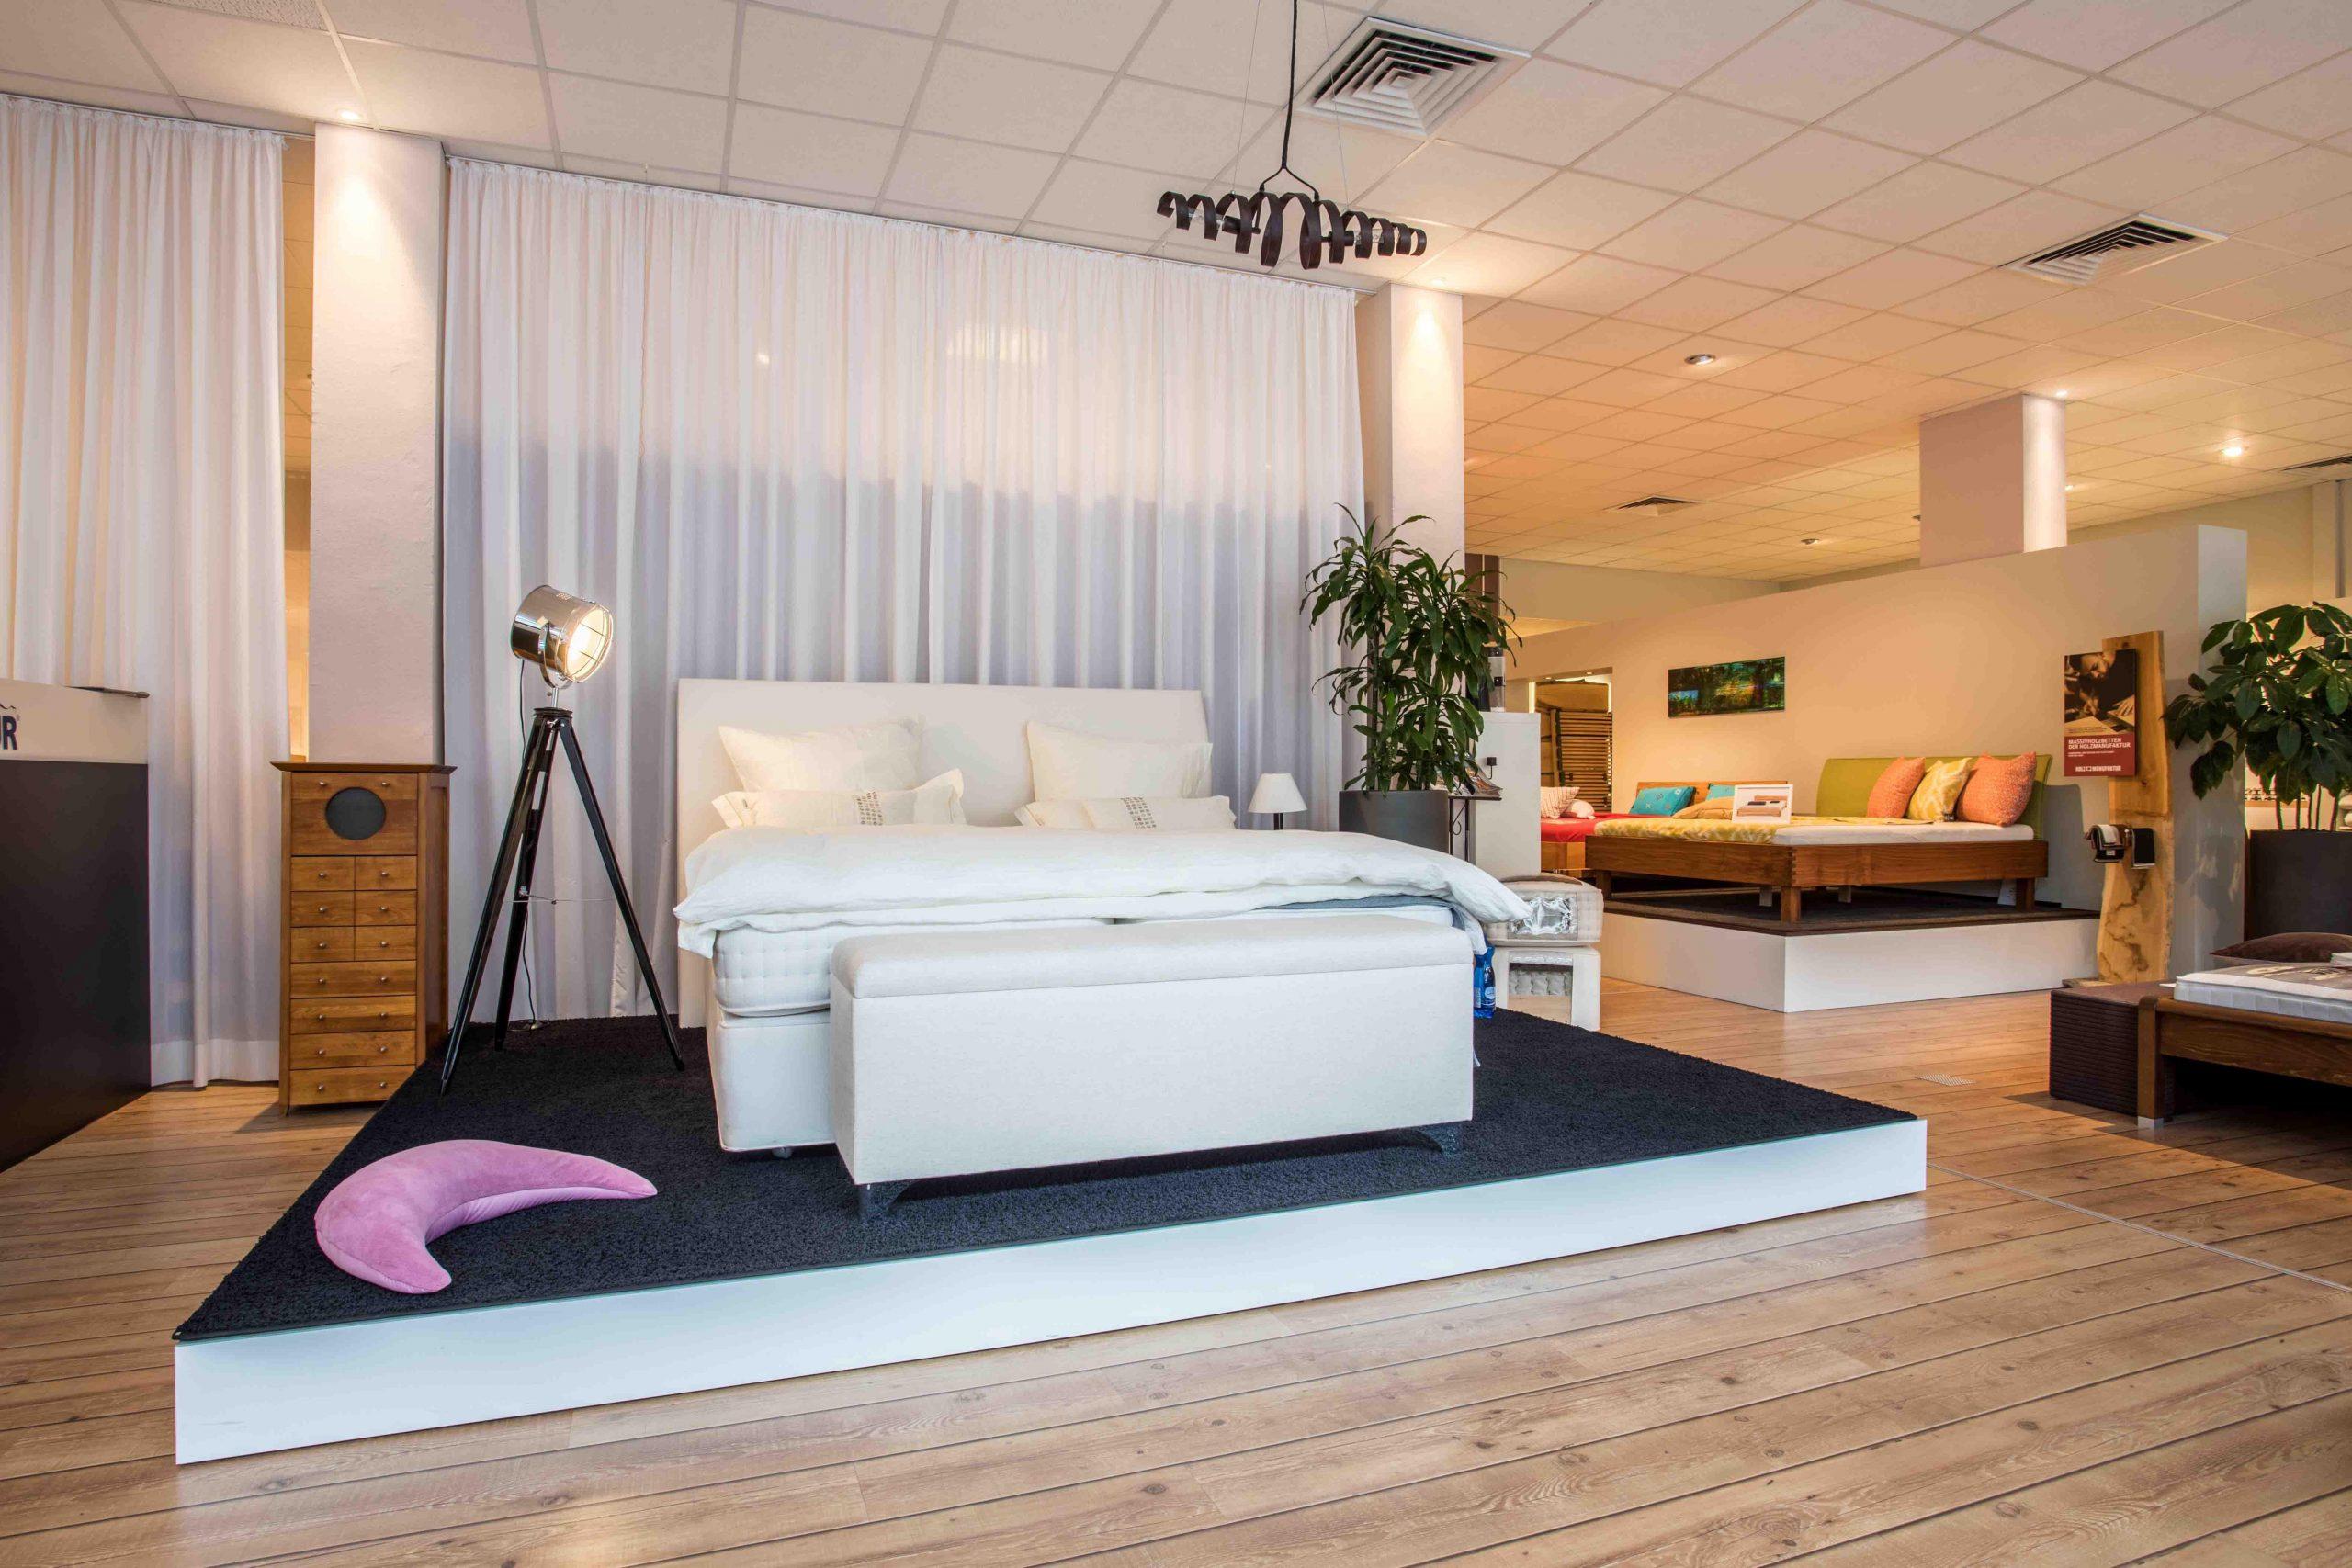 Full Size of Matratzen Und Betten Kln Bettenwelten Designer Mannheim Für Teenager 90x200 Schlafzimmer 200x220 Somnus Amazon Ebay 120x200 Ikea 160x200 Hülsta Bett Betten Köln